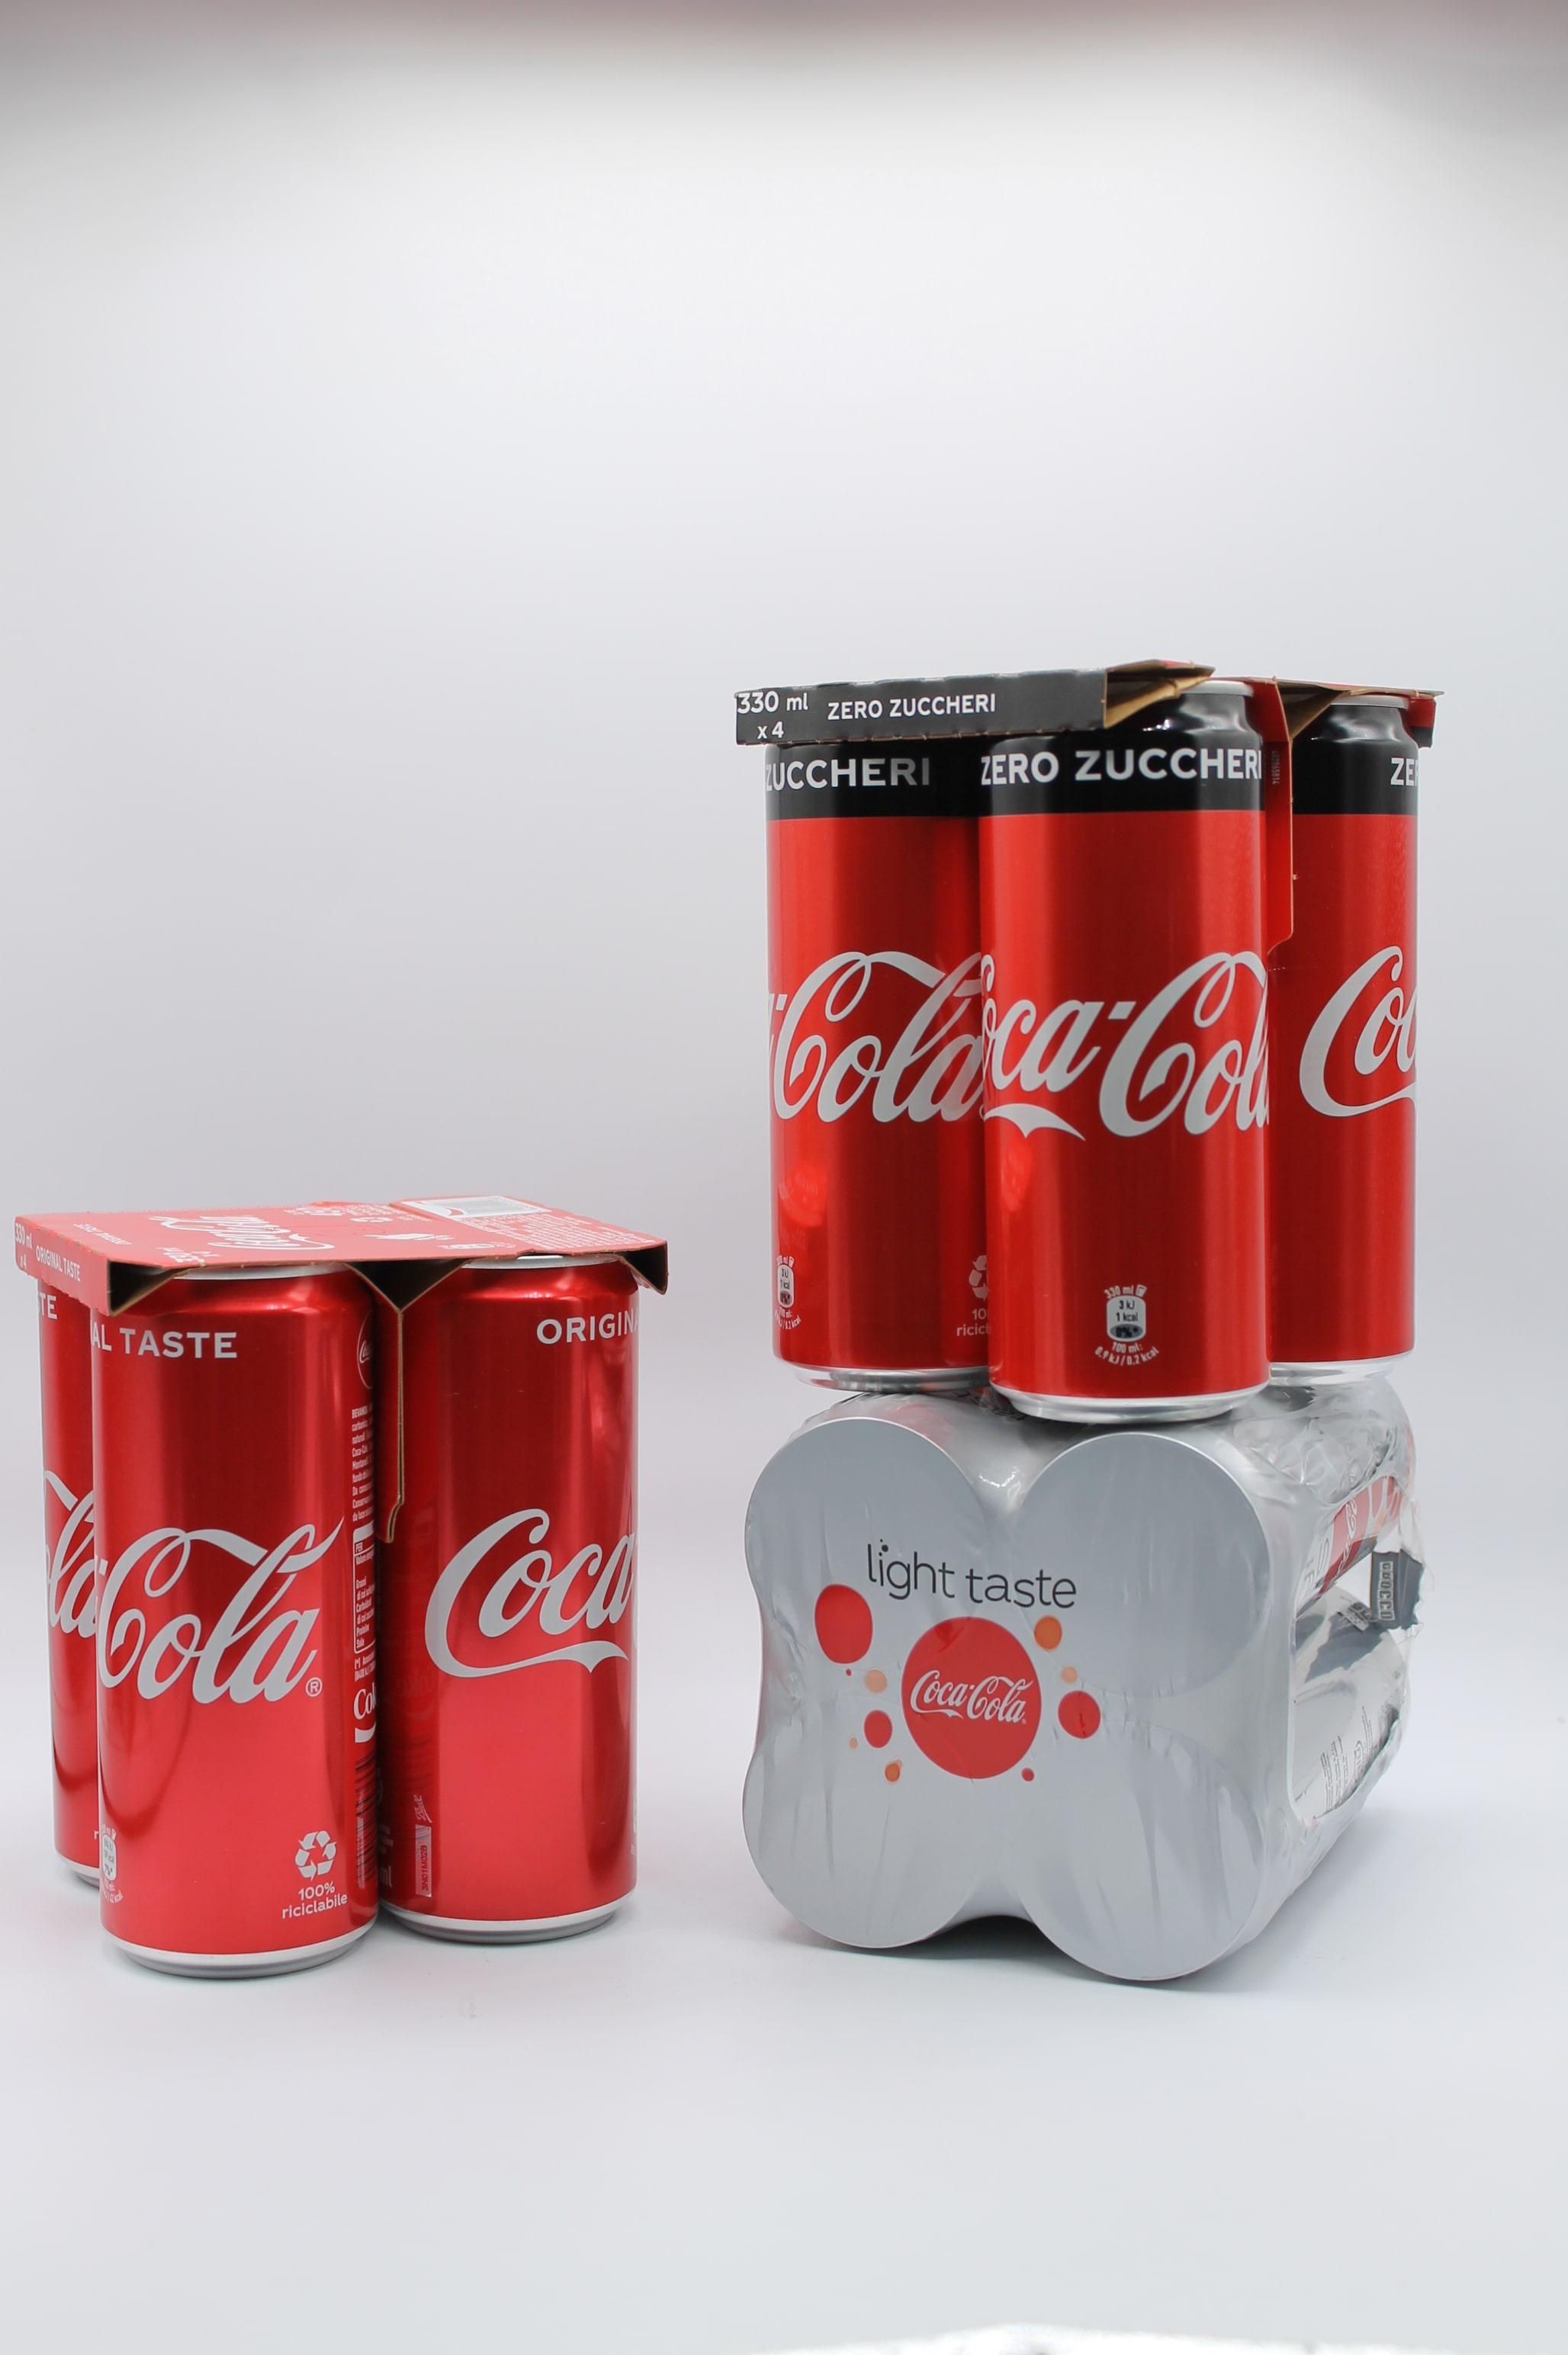 Coca cola lattina 4x330 vari tipi.